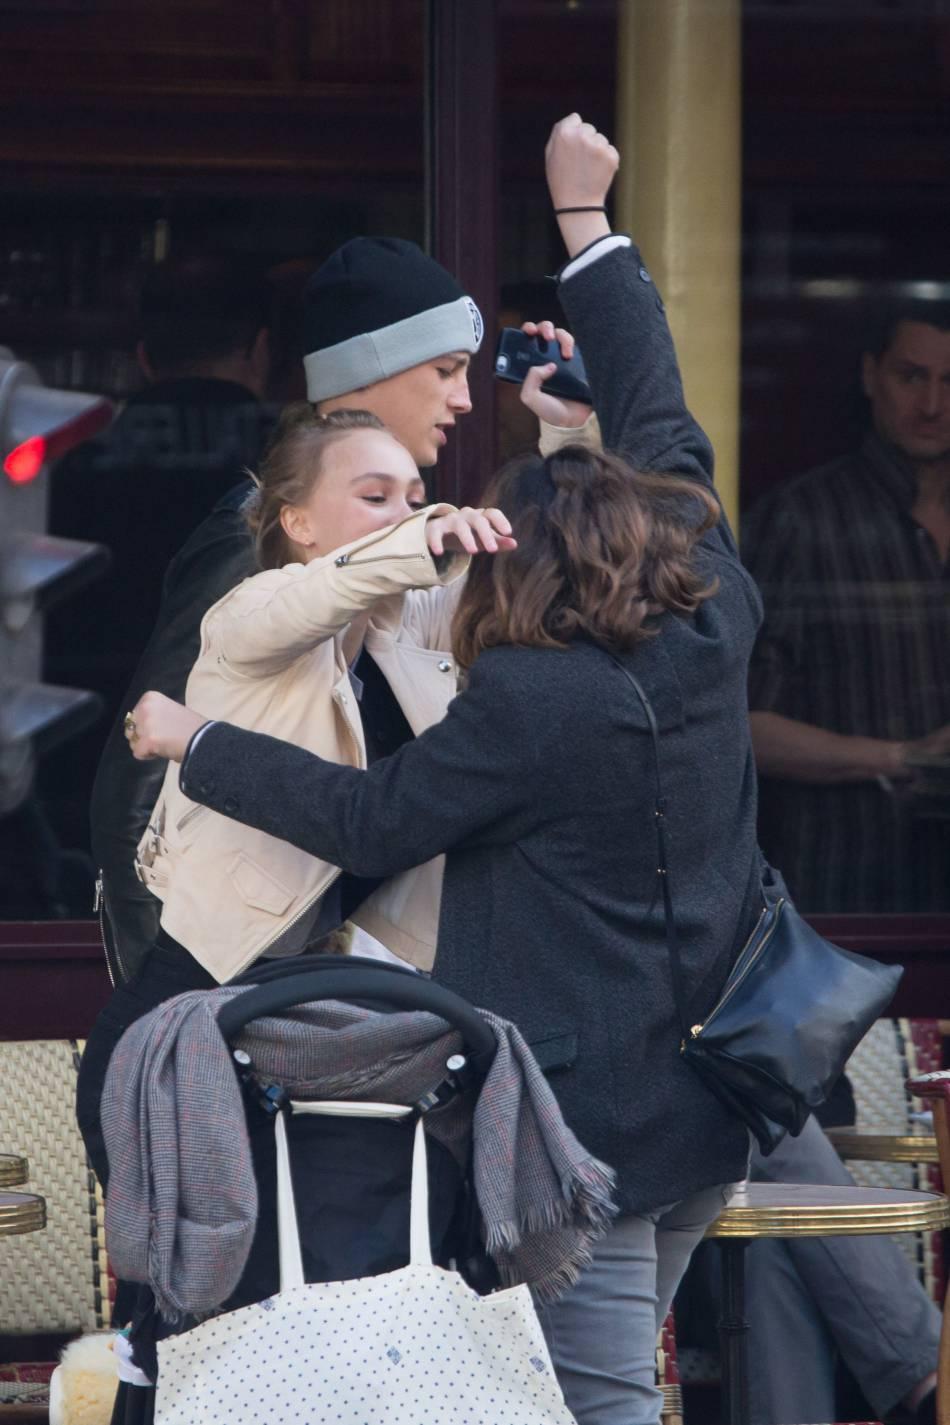 Alysson et Lily-Rose, un duo tante-nièce très complice. L'actrice a apporté son soutien à Johnny Depp, accusé de violence par son Amber Heard.